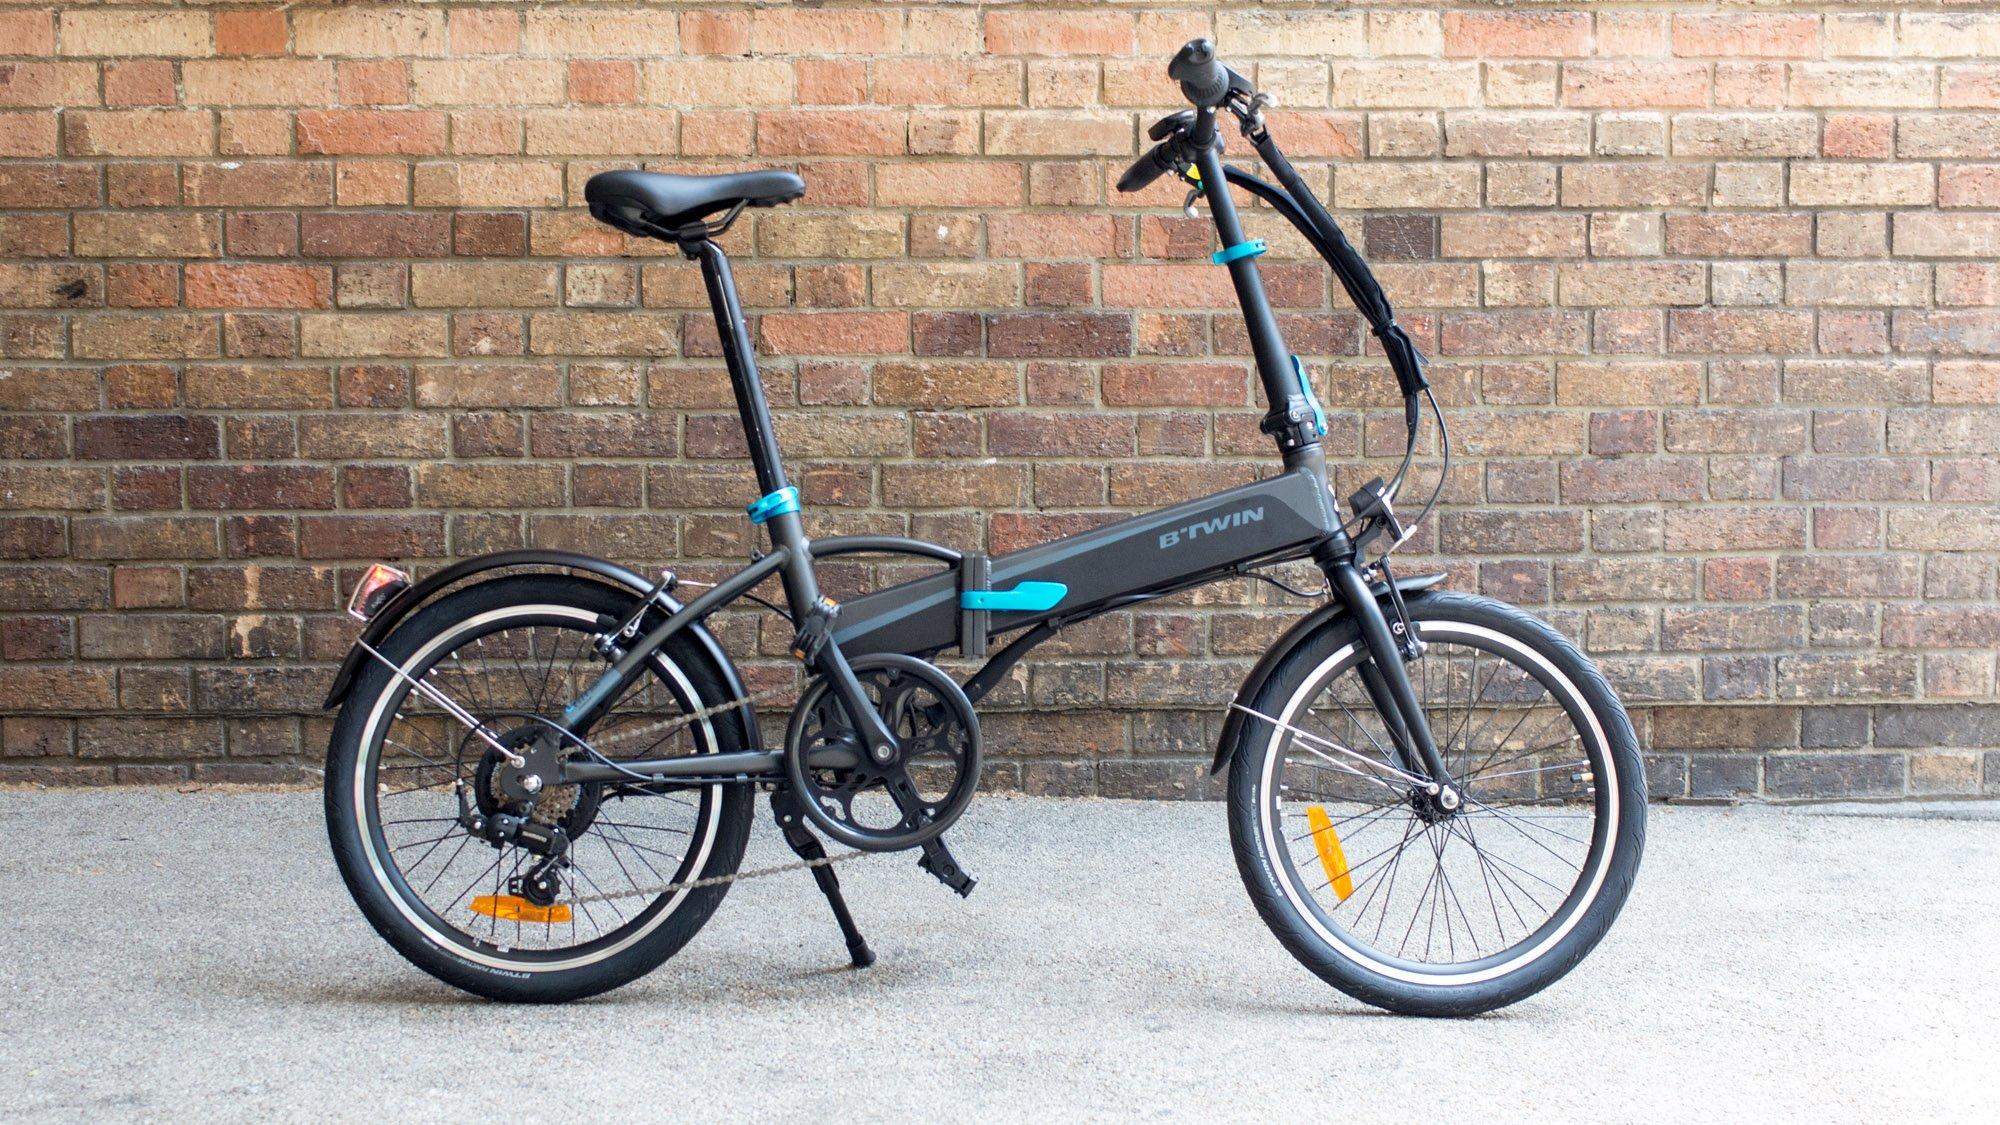 Avis du Btwin Tilt 500 – le vélo électrique pliant simple mais efficace